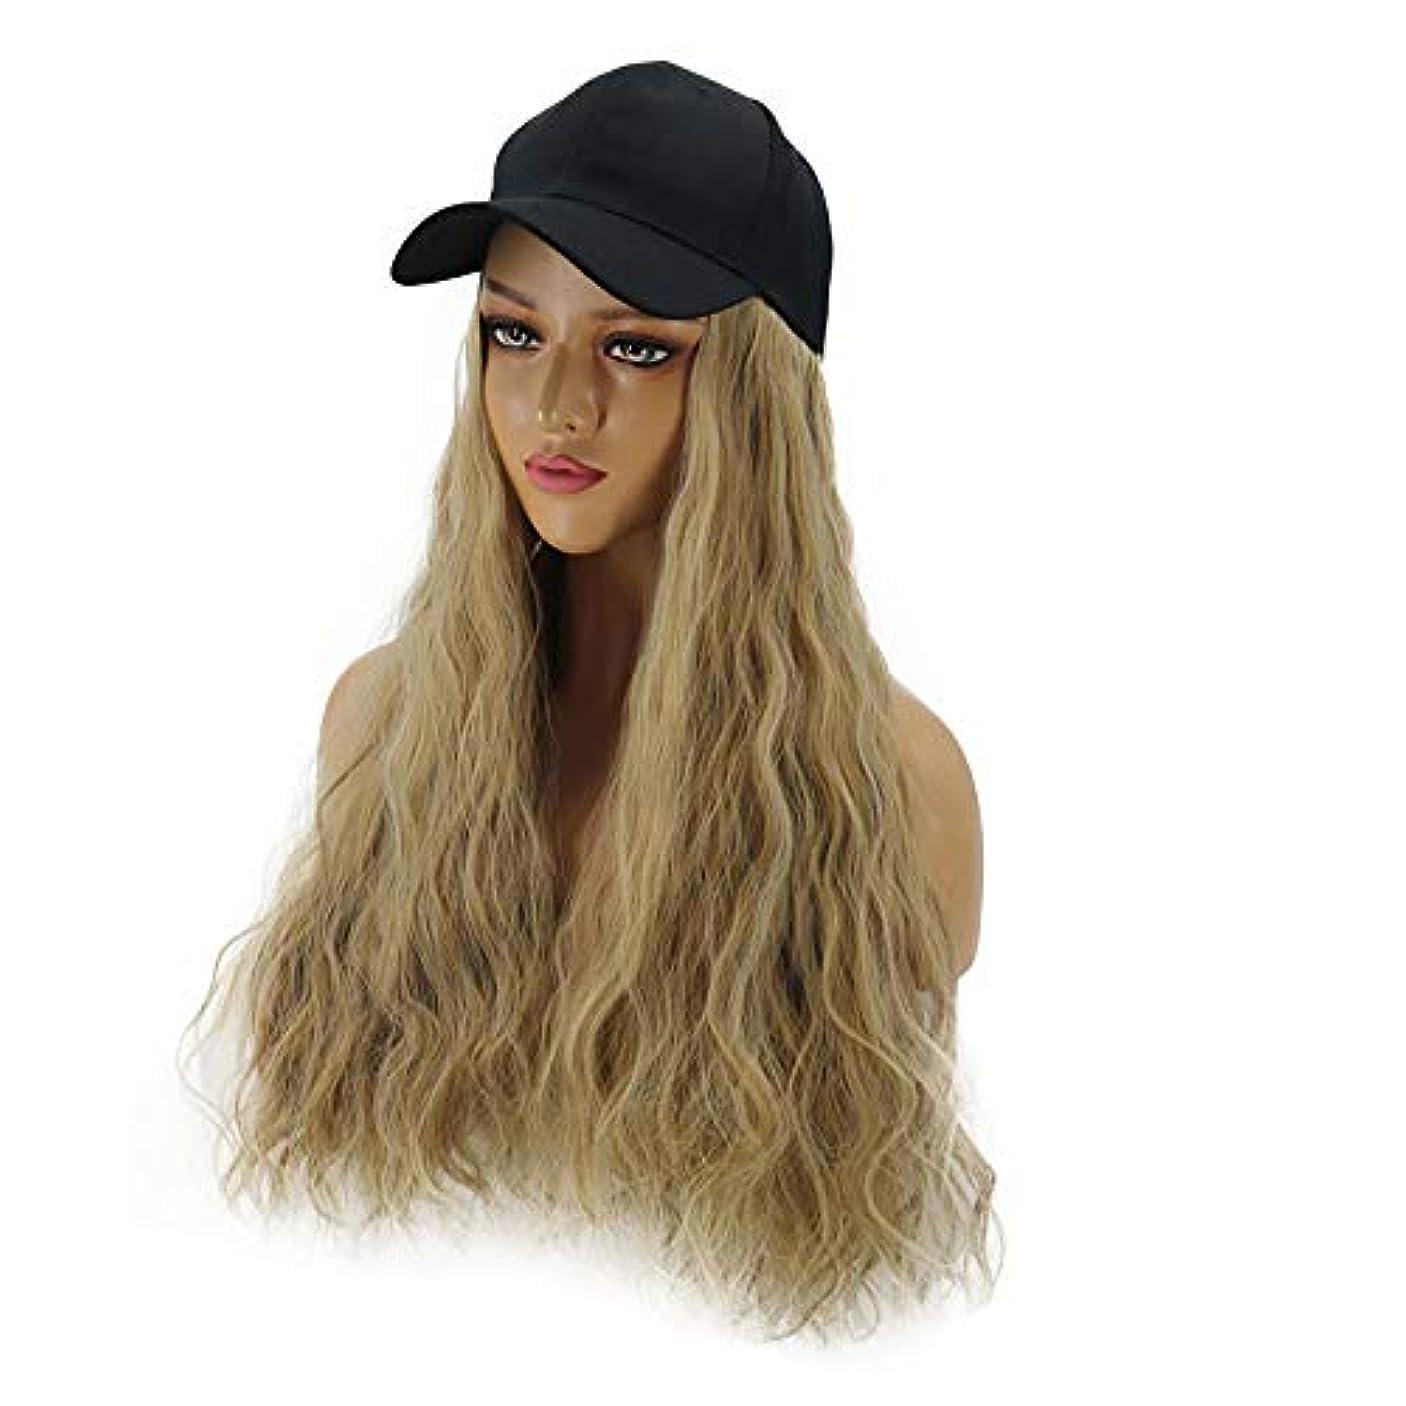 絶滅パーチナシティ原理HAILAN HOME-かつら ファッション女性ウィッグハットワンピース帽子ウィッグコーン型パーマミックスアンバー/ブラウン簡単ワンピース取り外し可能